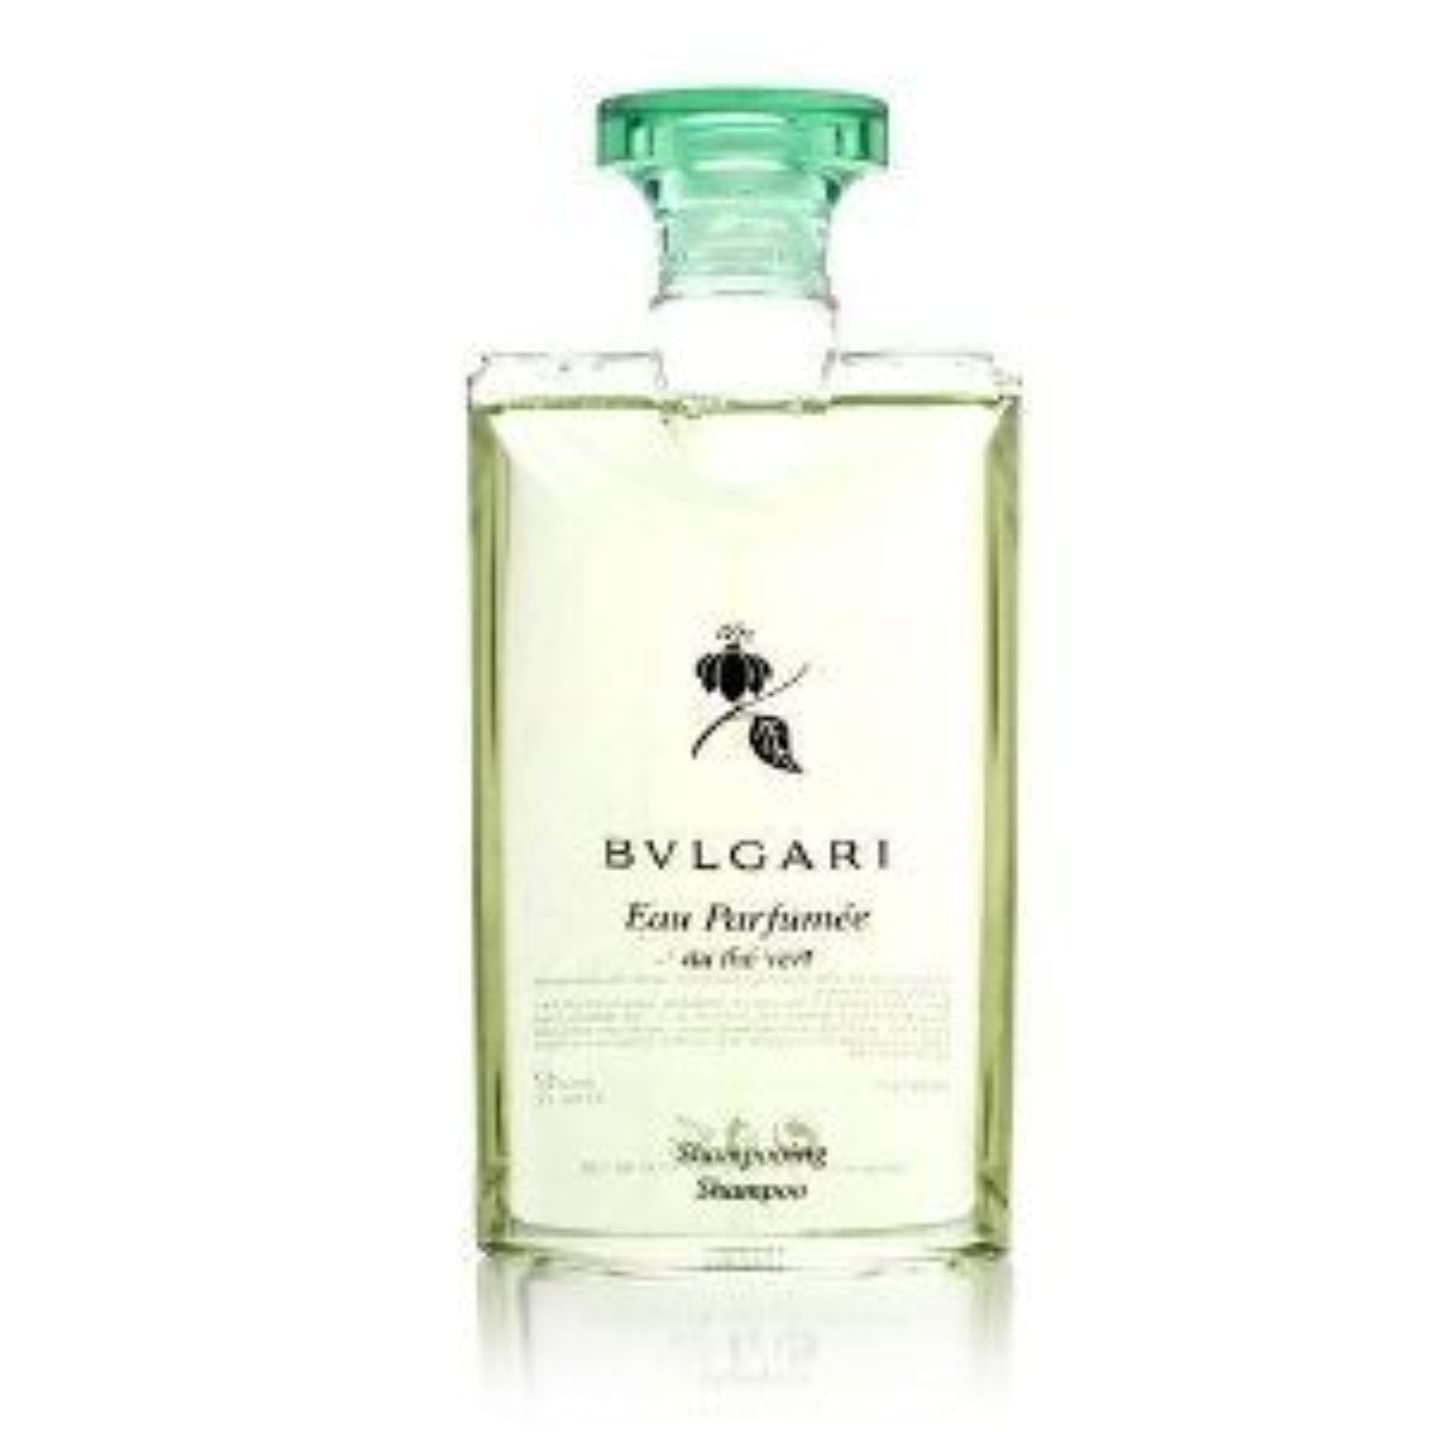 トランスペアレント便益慎重Bvlgari Eau Parfumee au the vert (ブルガリ オー パフュ-メ オウ ザ バート / グリーン ティー) 2.5 oz (75ml) シャンプー